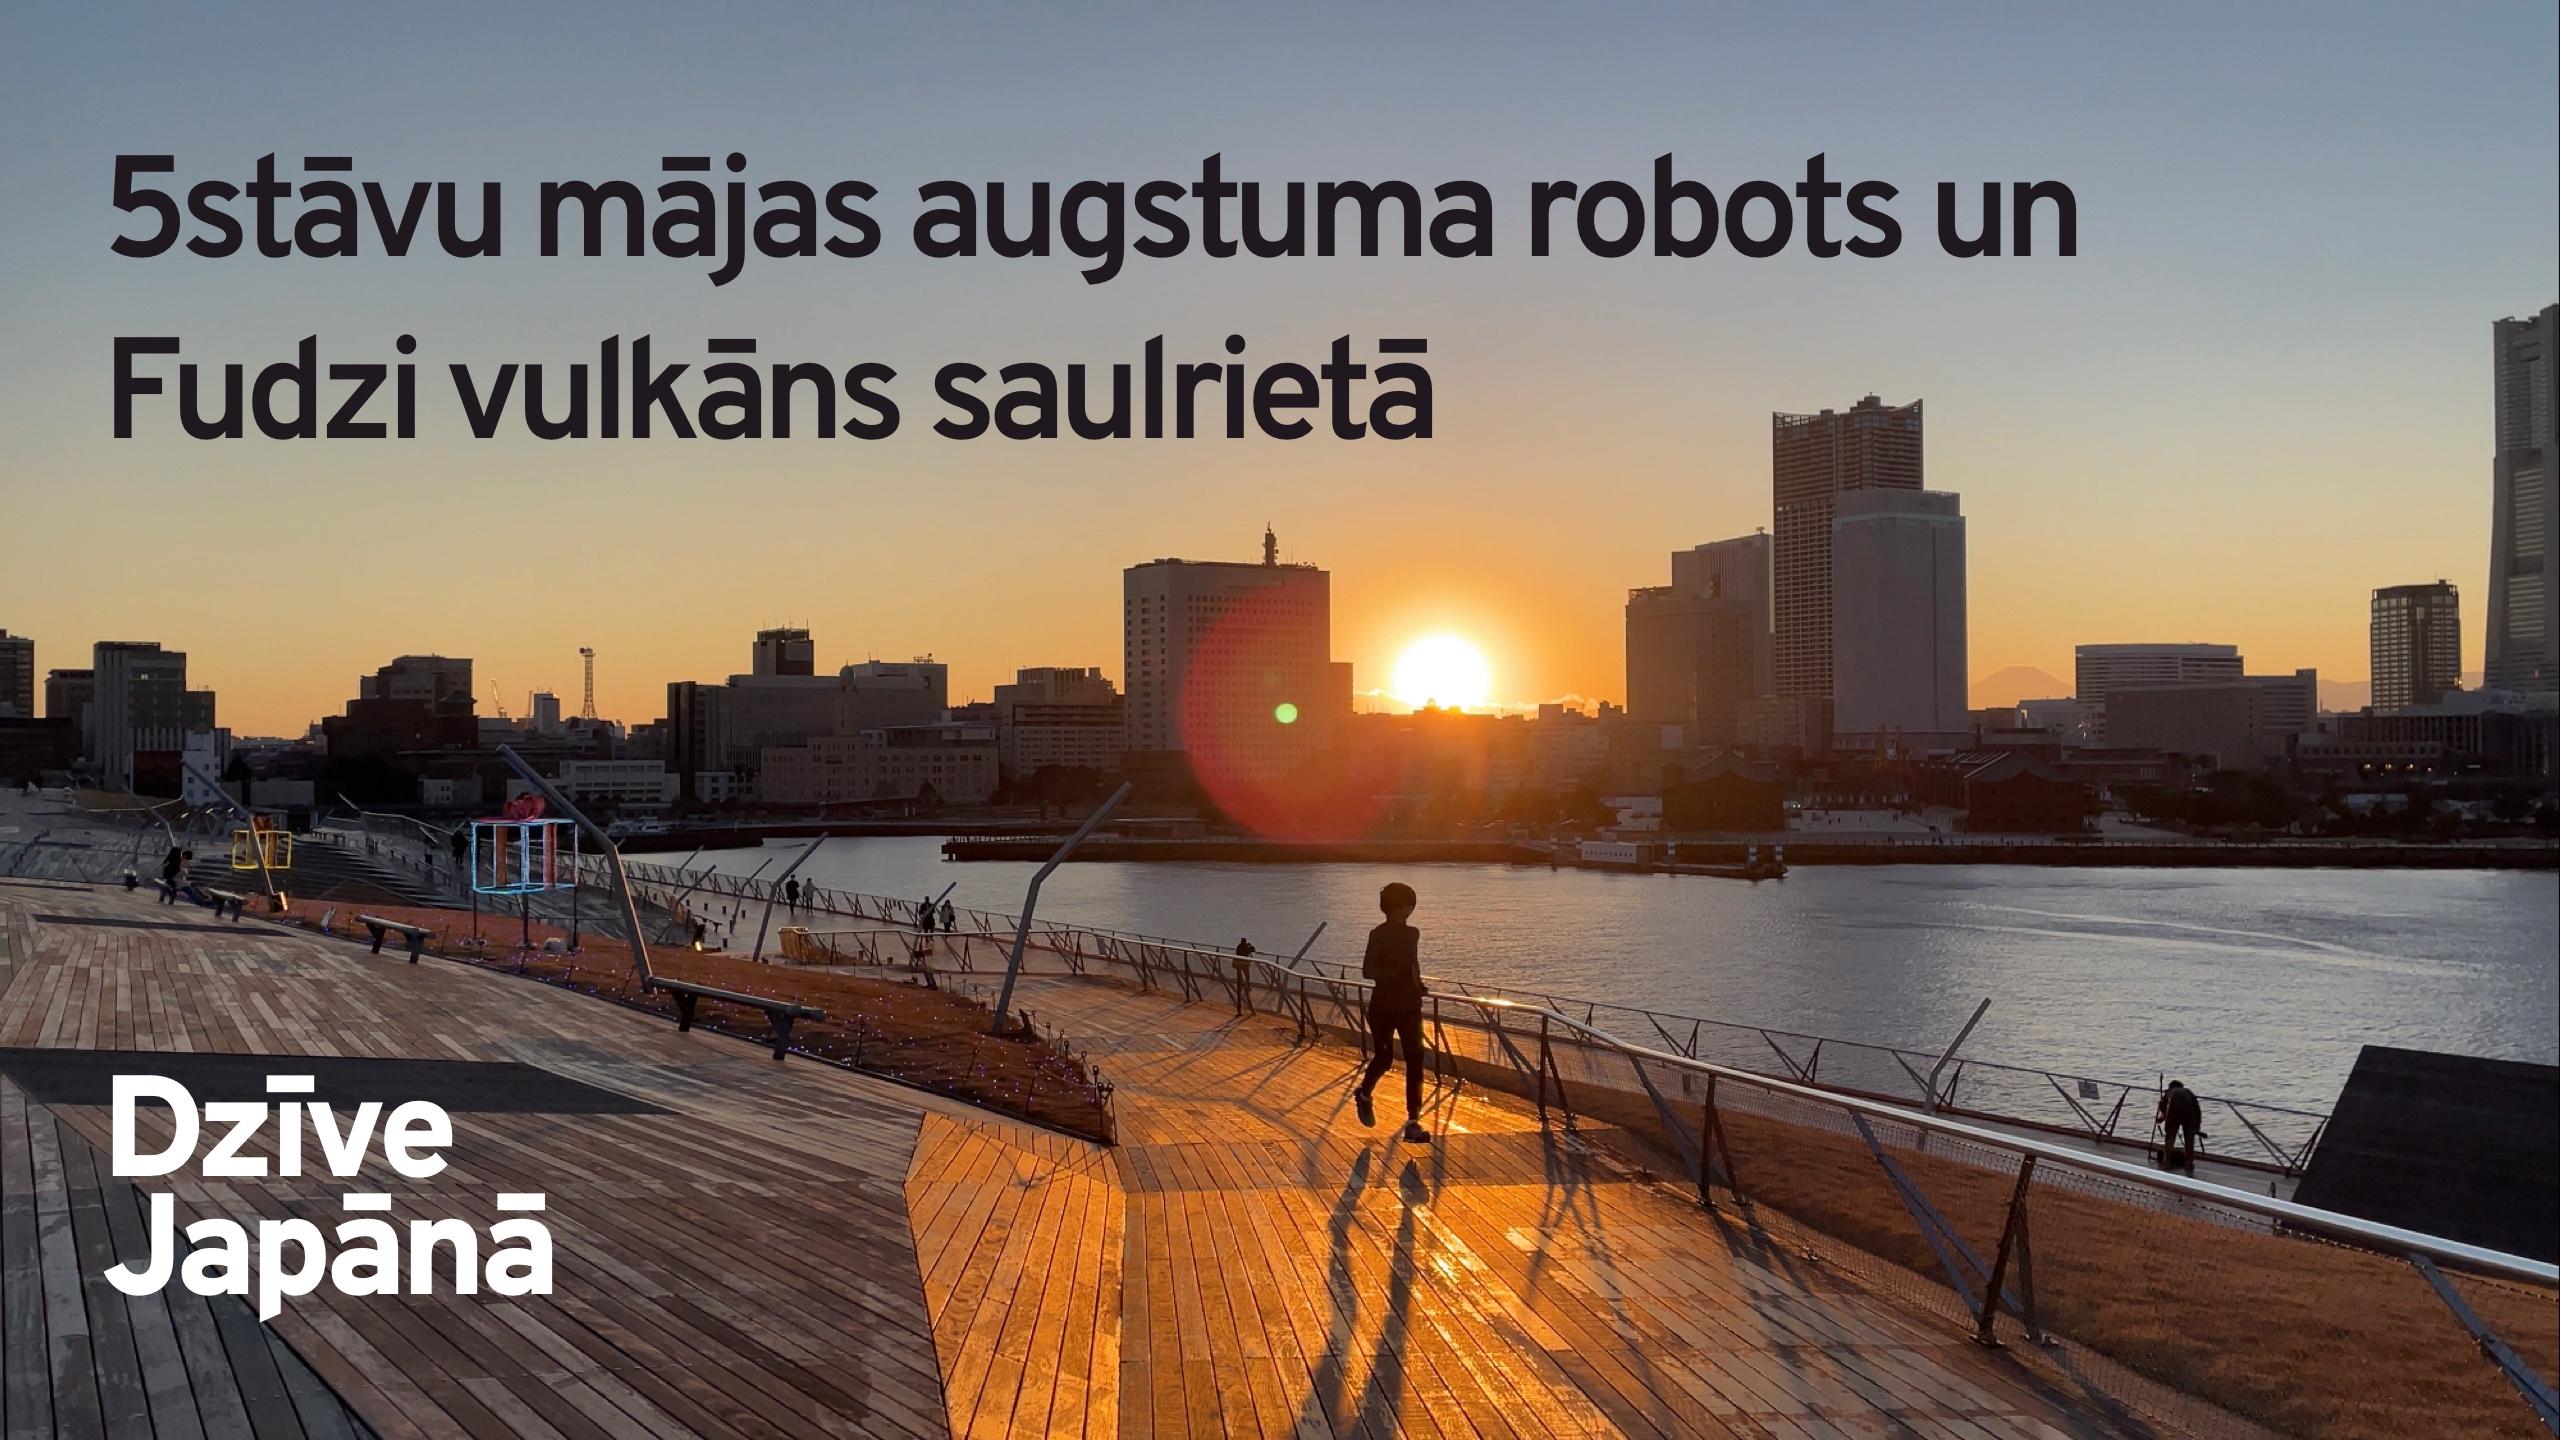 video: 5stāvu mājas augstuma robots un Fudzi vulkāns saulrietā